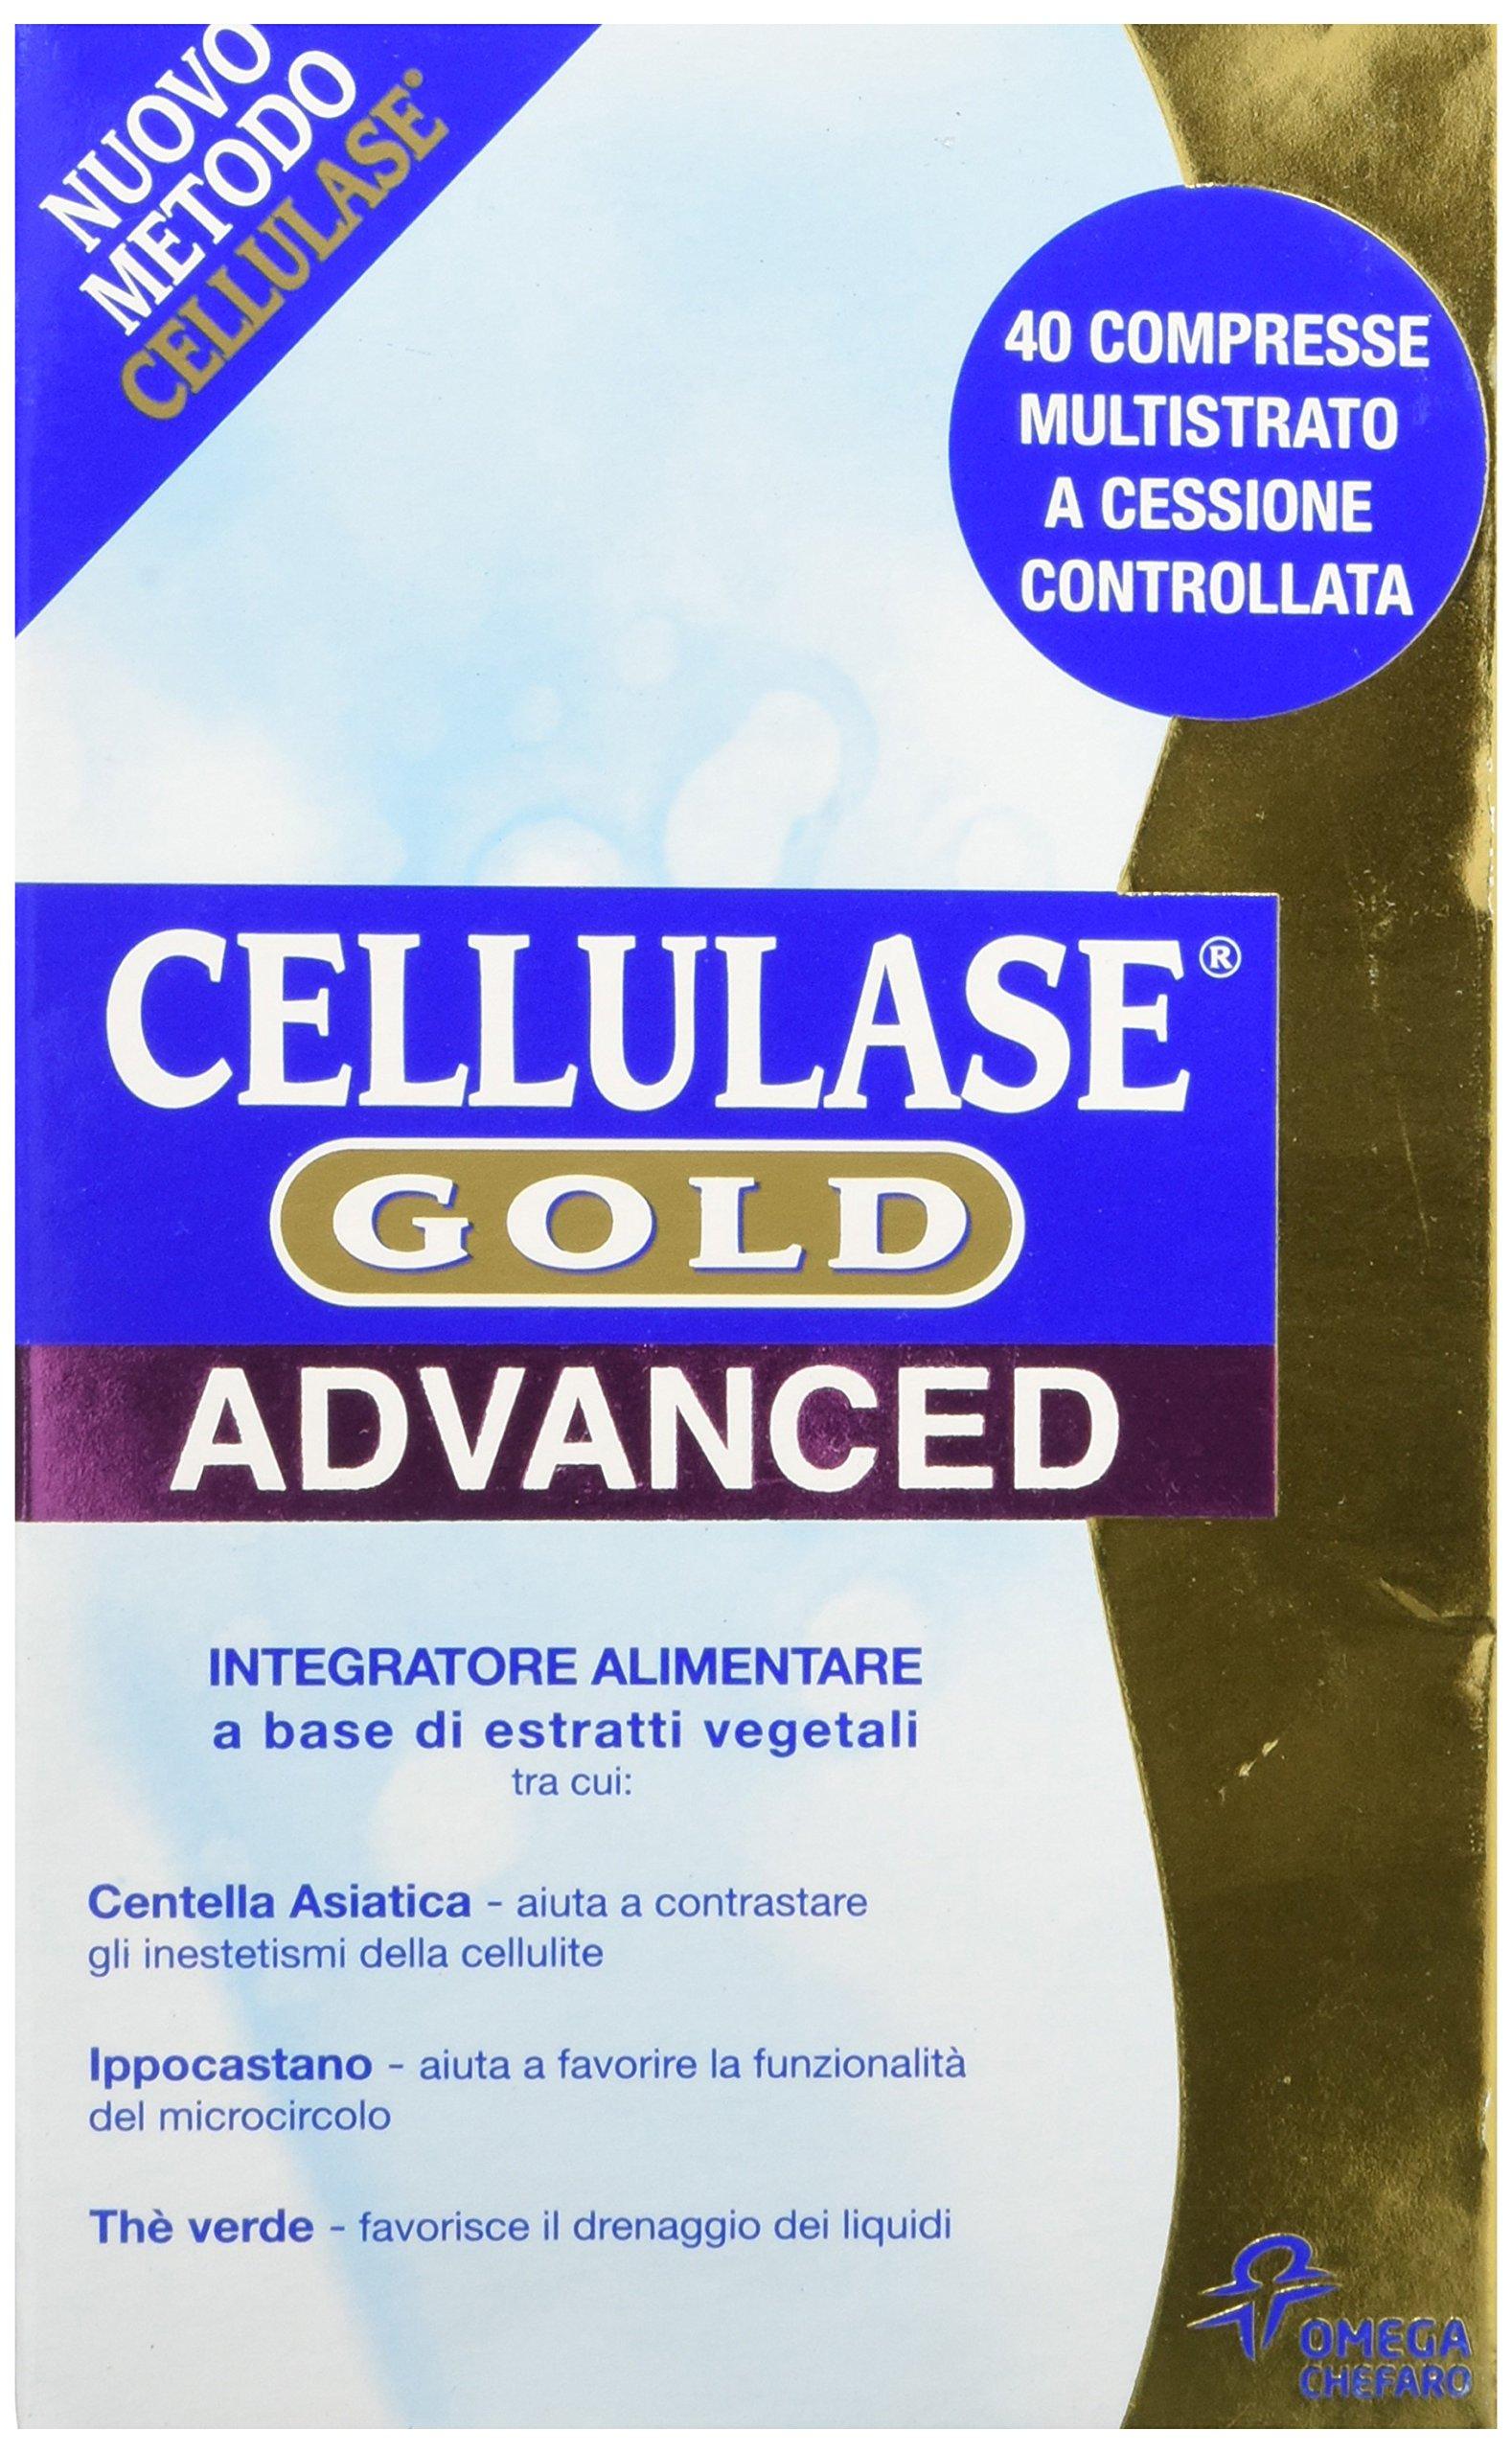 Chefaro Pharma Gold Advance Integratore Alimentare Cellulase, 40 Compresse Multistrato 1 spesavip